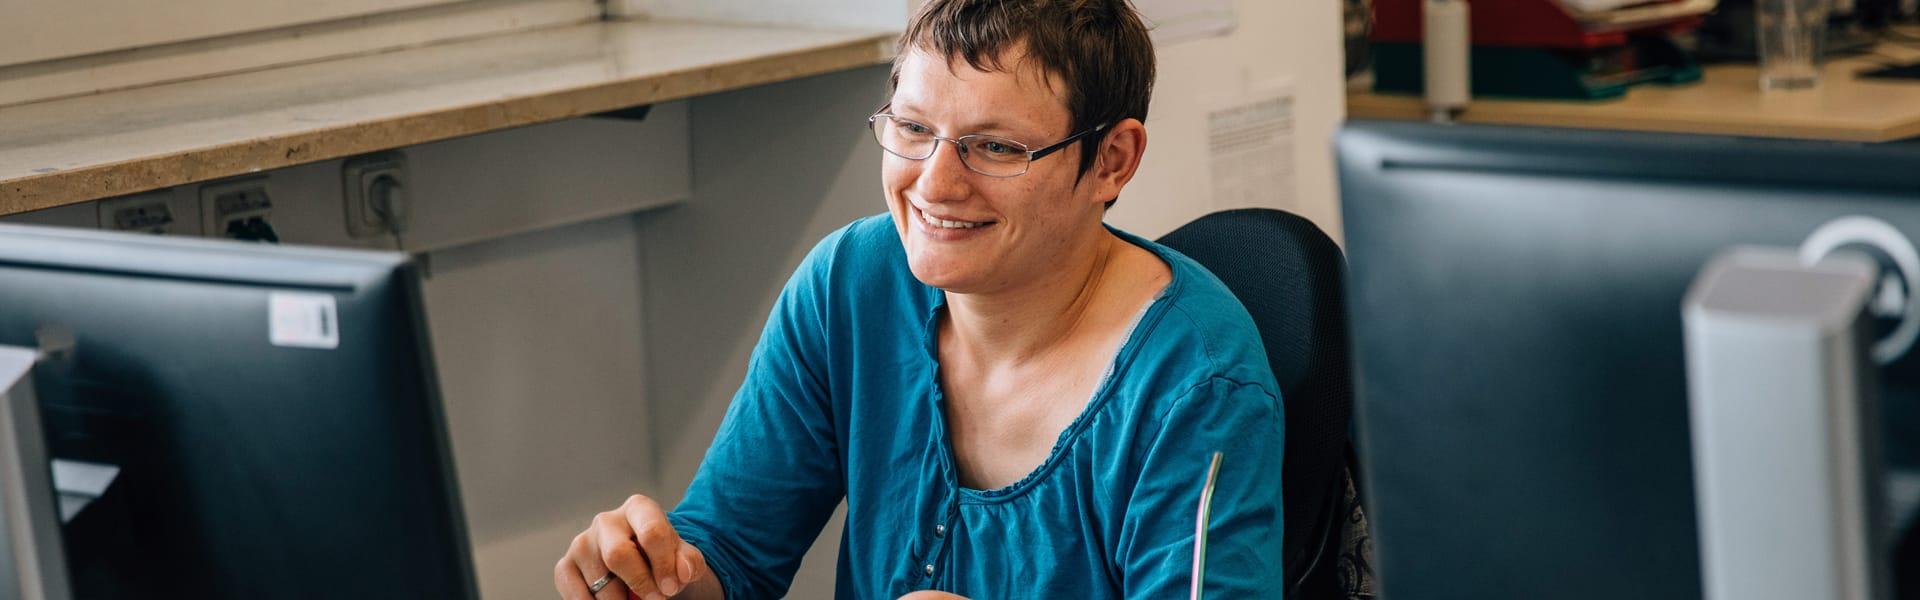 Frau arbeitet mit Freude am Computer